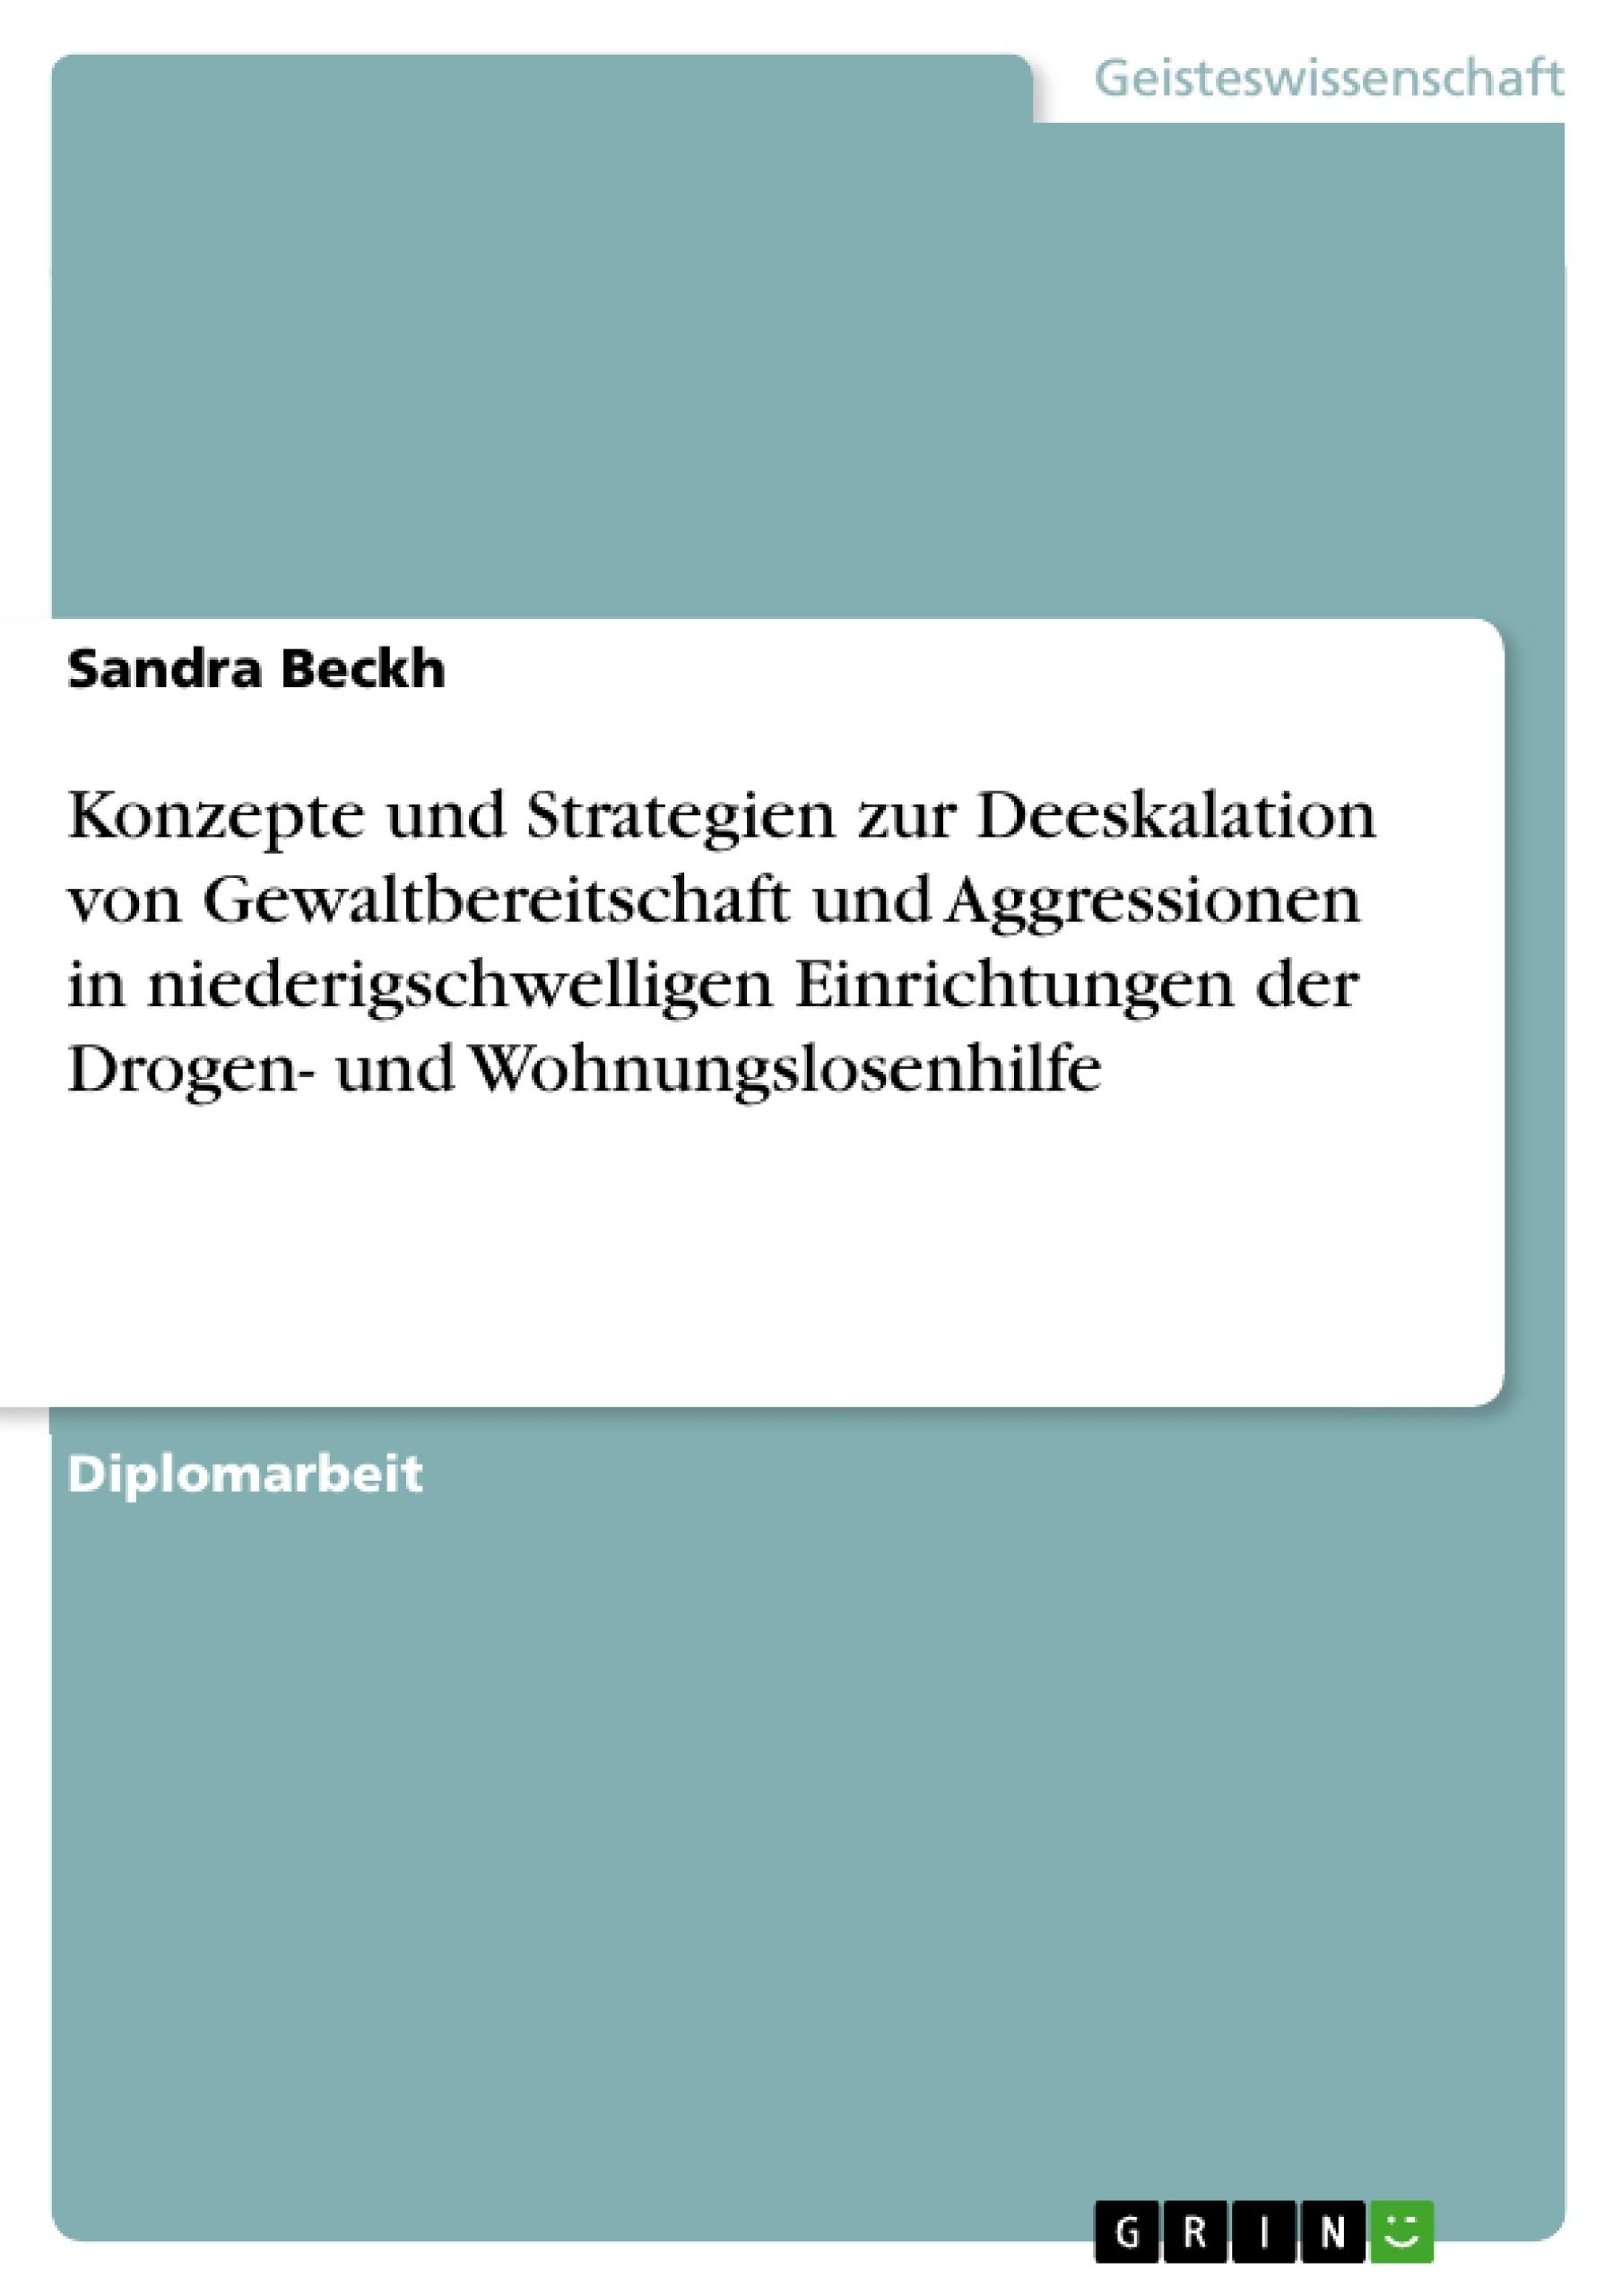 Titel: Konzepte und Strategien zur Deeskalation von Gewaltbereitschaft und Aggressionen in niederigschwelligen Einrichtungen der Drogen- und Wohnungslosenhilfe